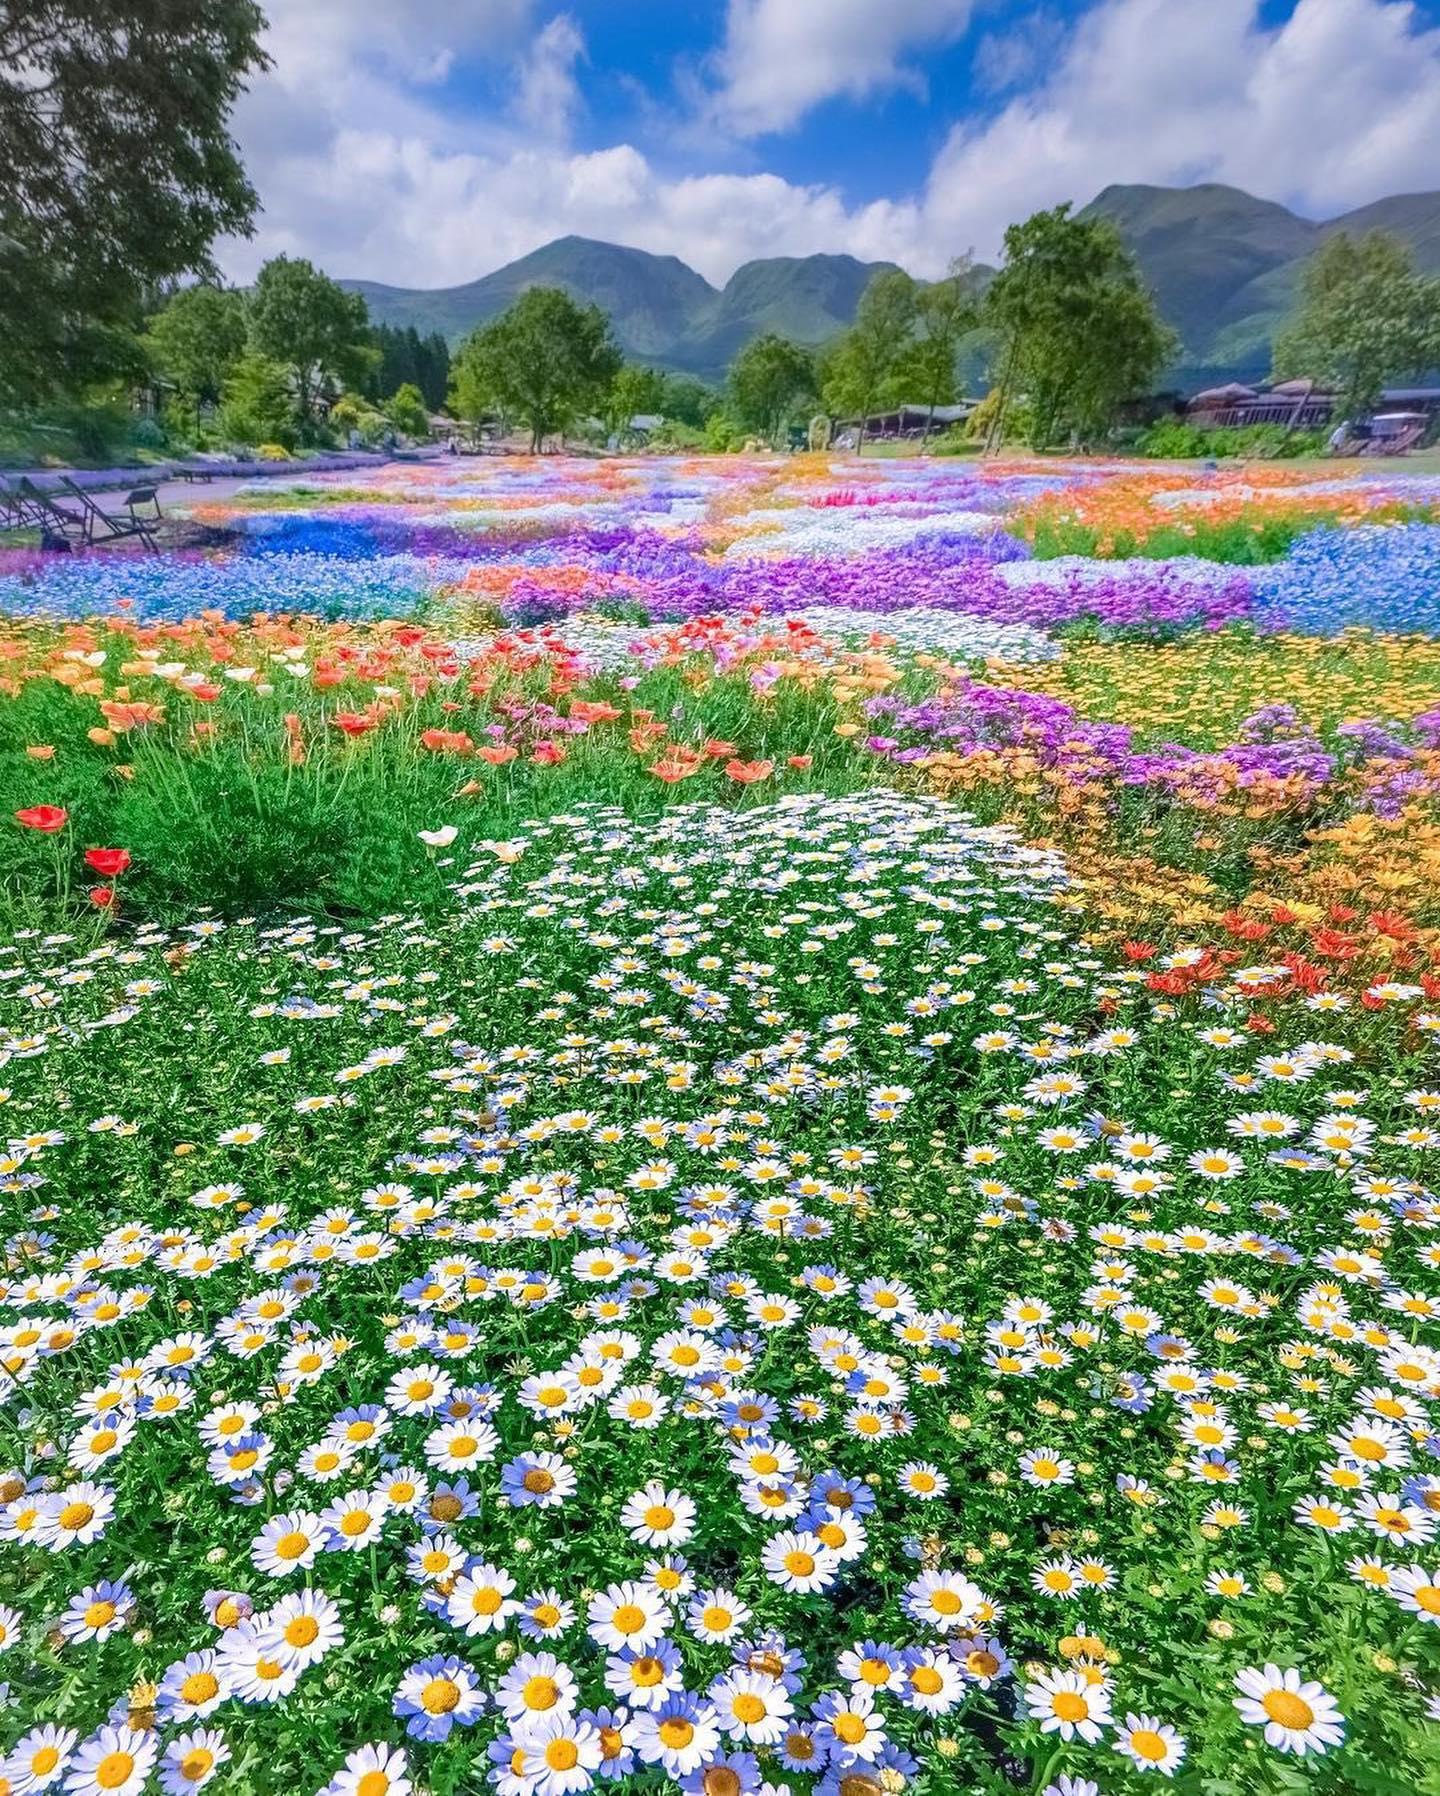 Để kéo du khách tới đây, ban quản lý công viên còn tổ chức nhiều hoạt động như lễ hội hoa theo mùa, các thực đơn trải nghiệm với nhiều đặc sản địa phương, được trồng ngay tại vùng đất này, để mọi người có thể lưu lại đây cả ngày.